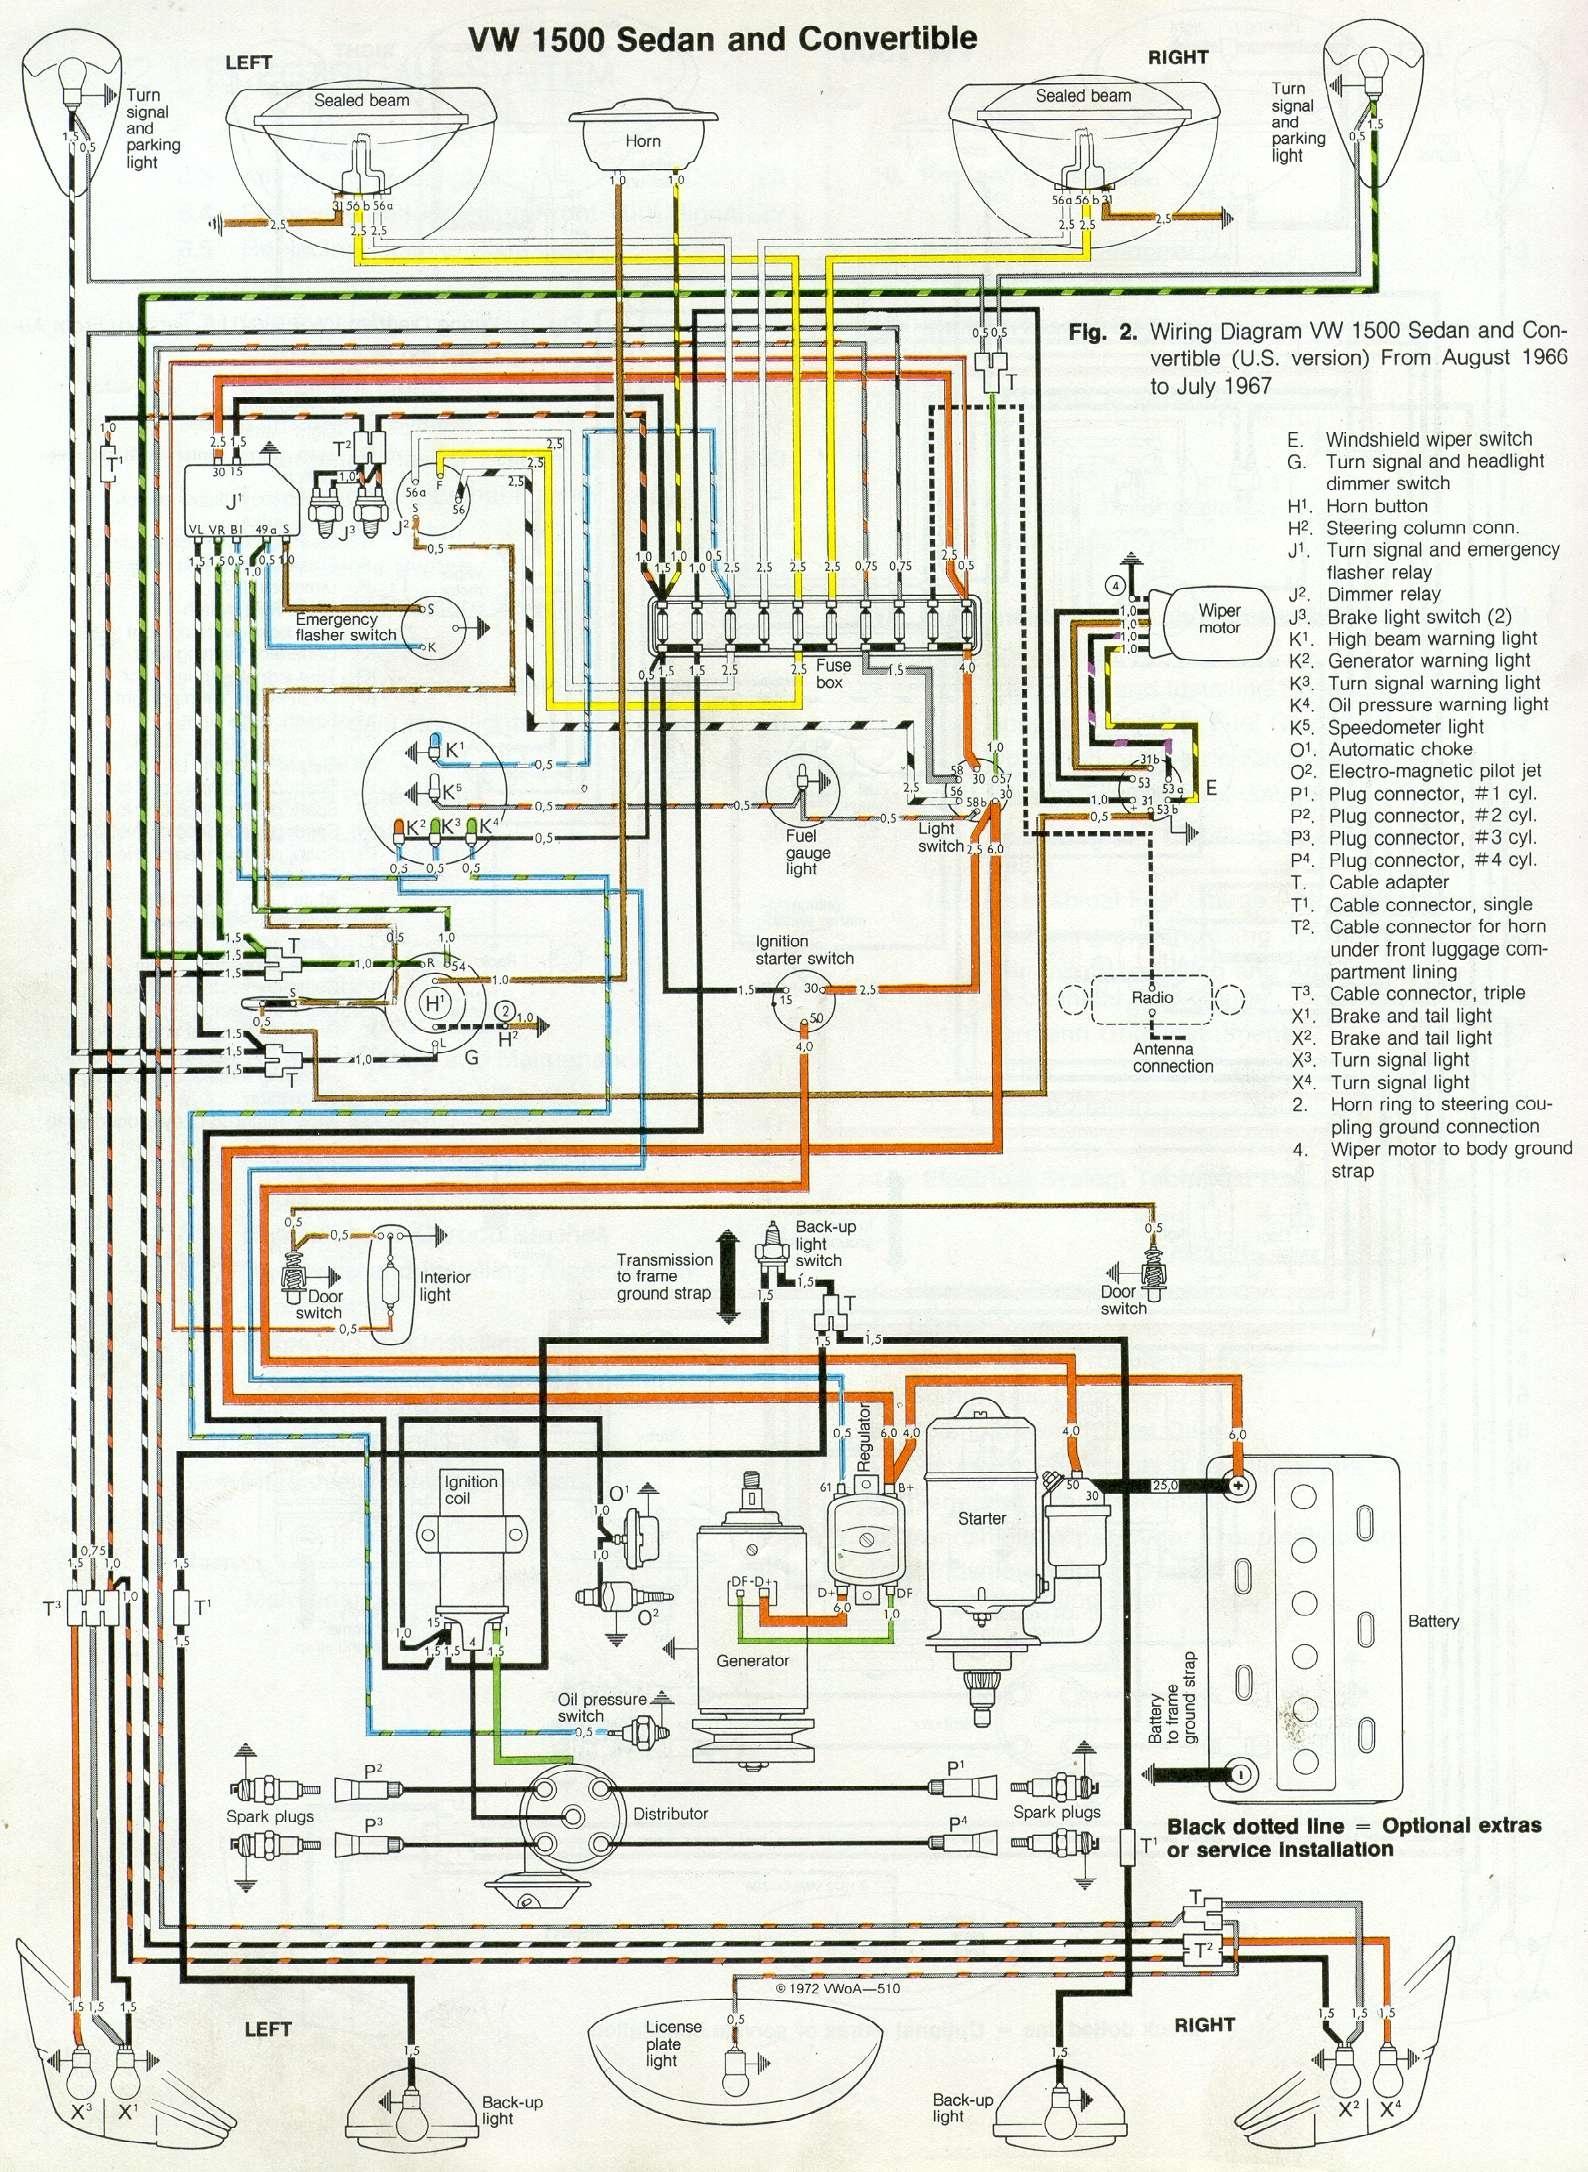 66 vw wiring diagram wiring diagram schematic